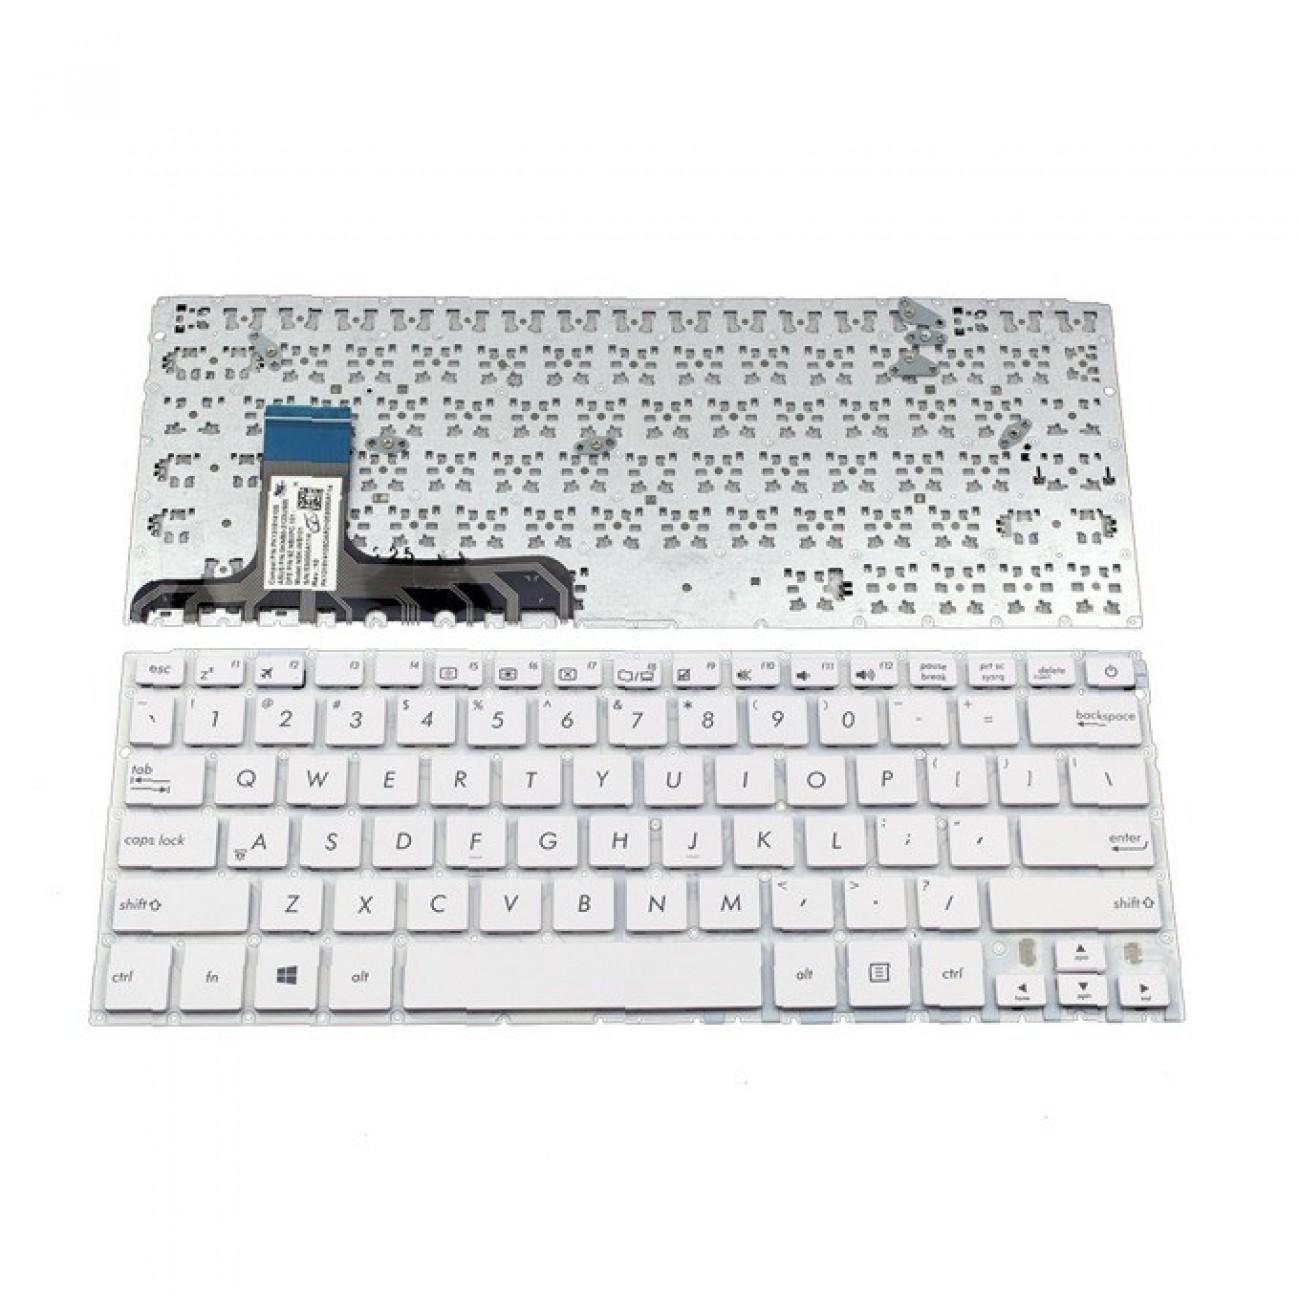 Клавиатура за Asus ZENBOOK UX305, US, без рамка, бяла в Резервни части -  | Alleop